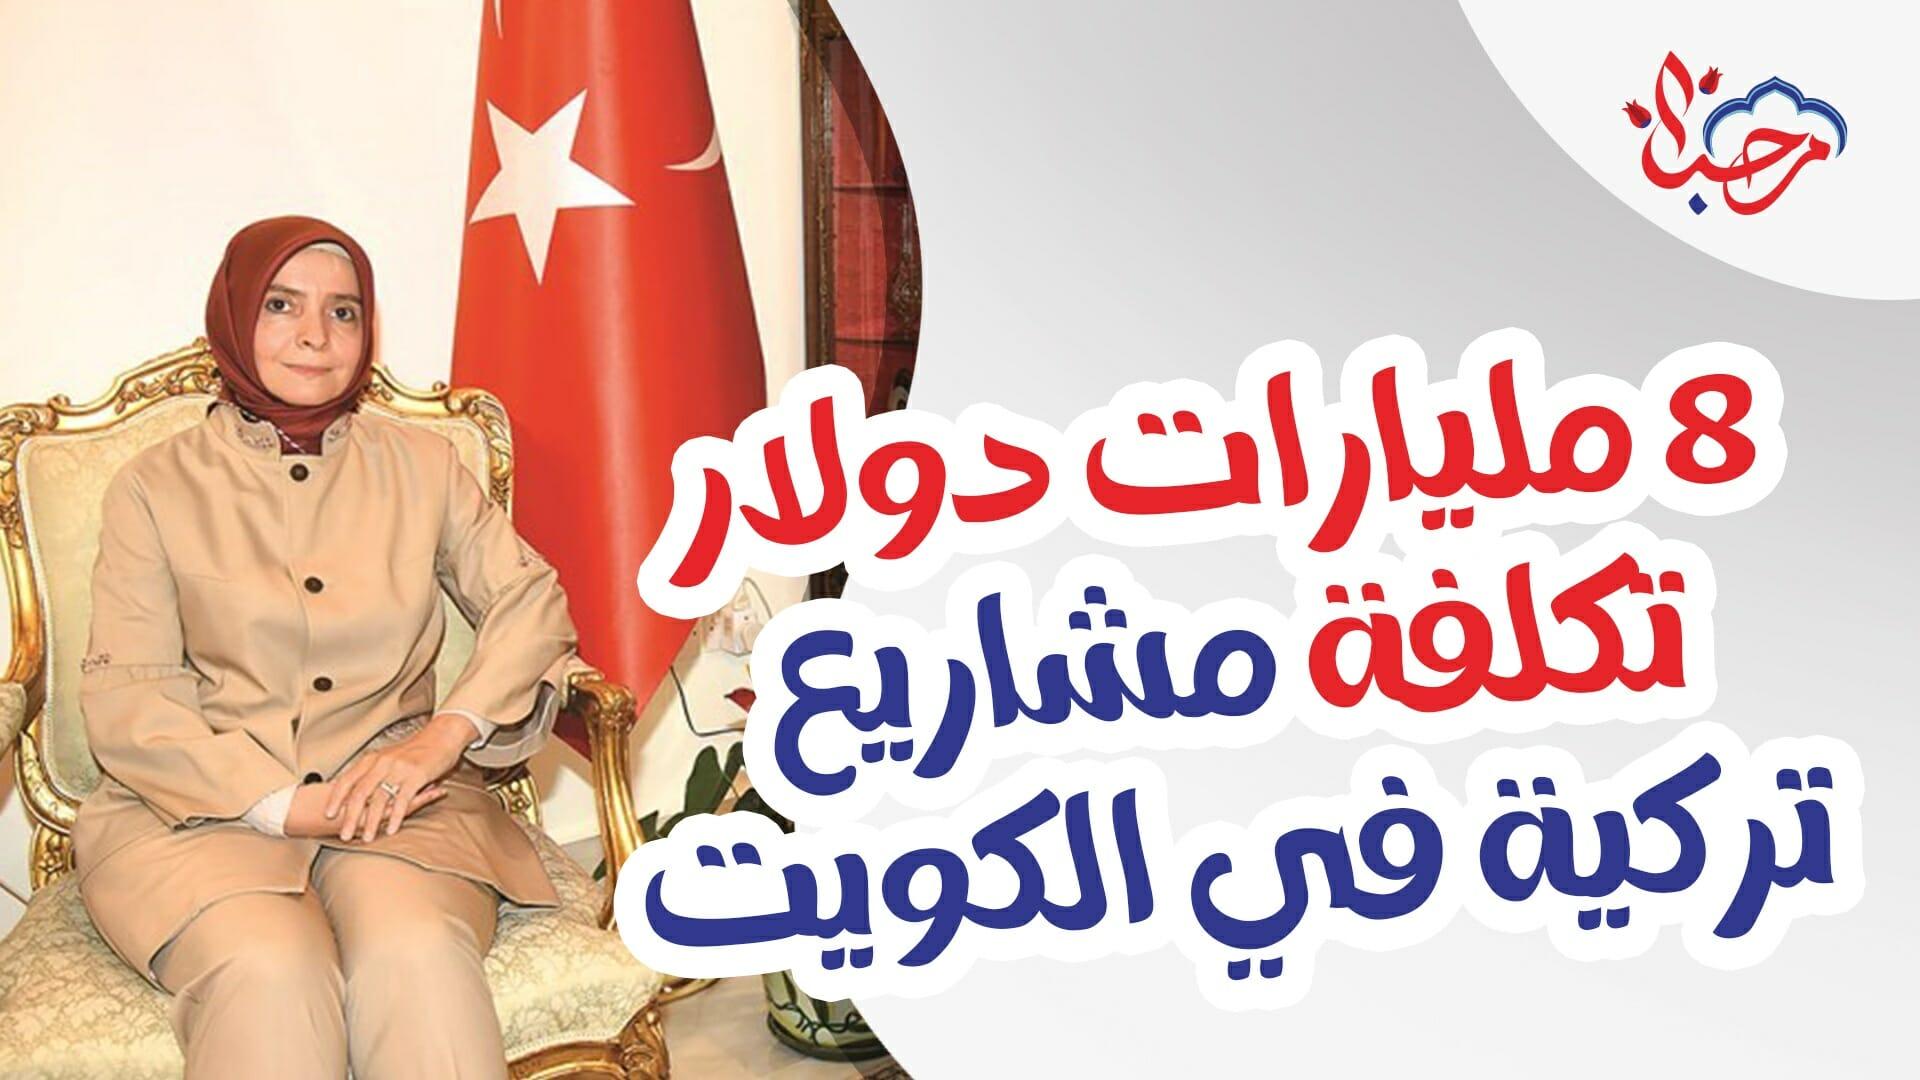 - 8 مليارات دولار تكلفة 46 مشروعاً نفذتها 50 شركة تركية في الكويت